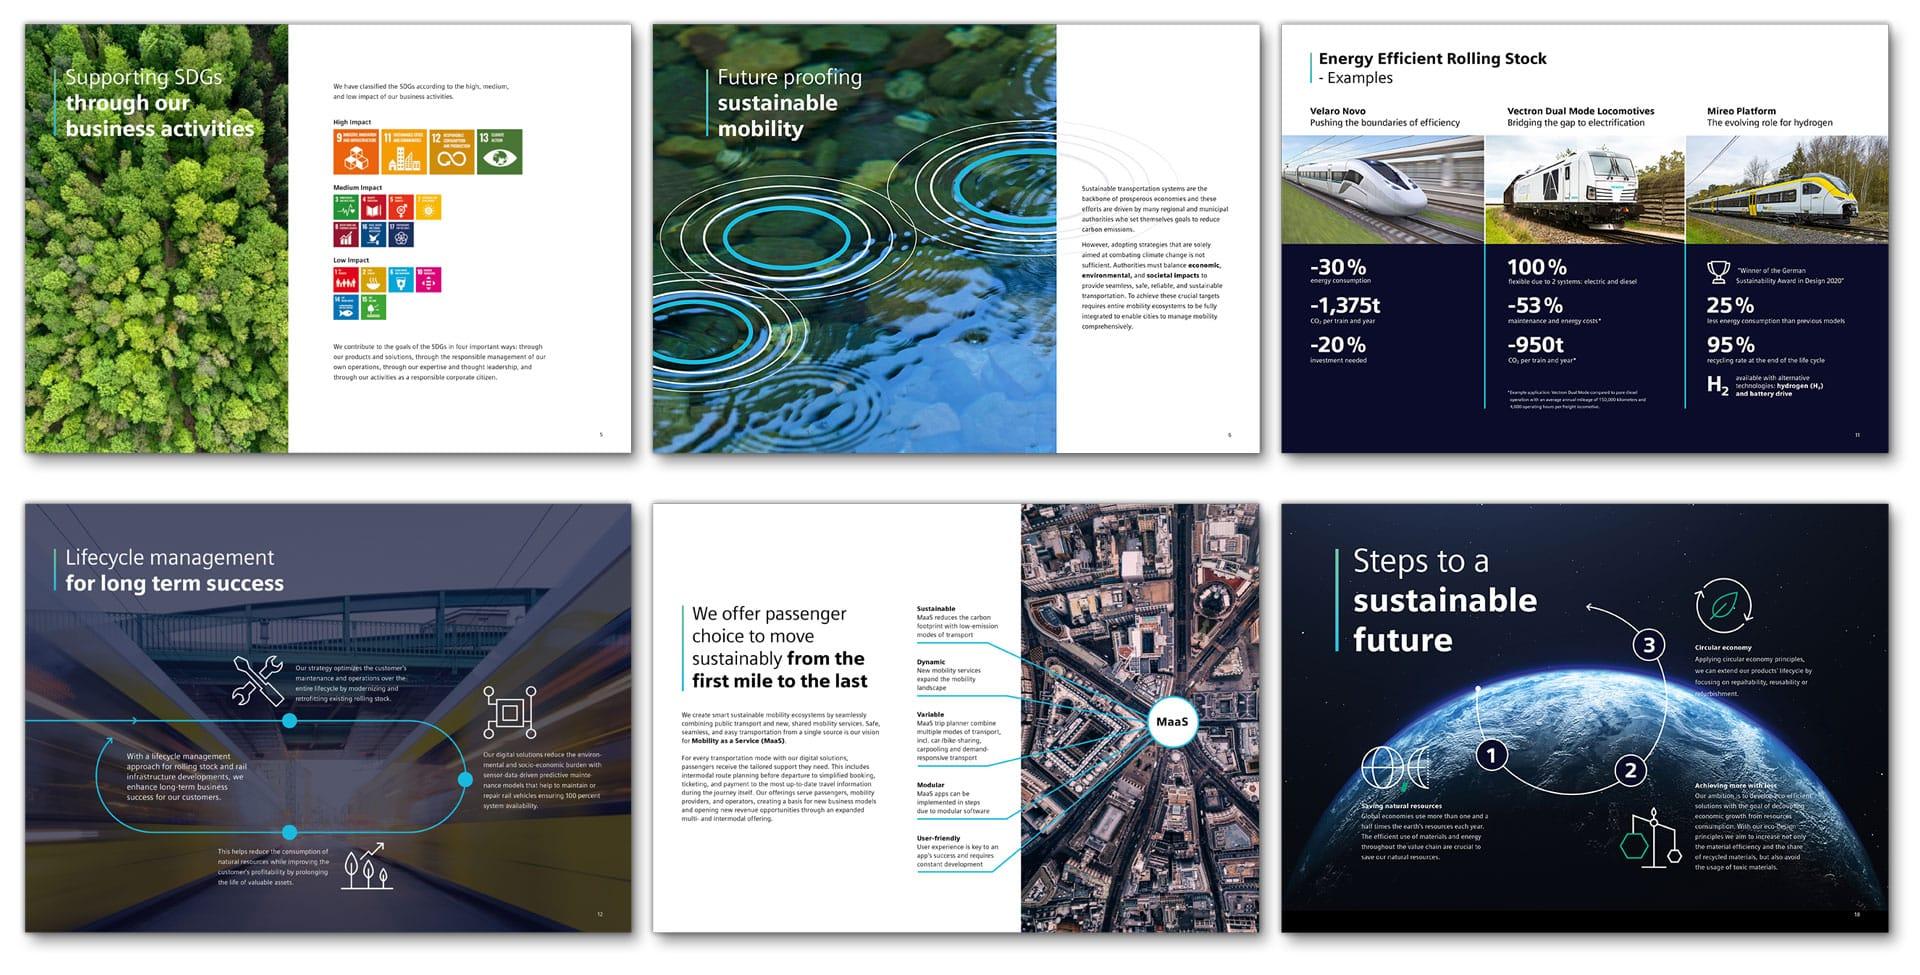 Siemens Mobility – Nachhaltigkeit erleben - Markenbildung & Positionierung